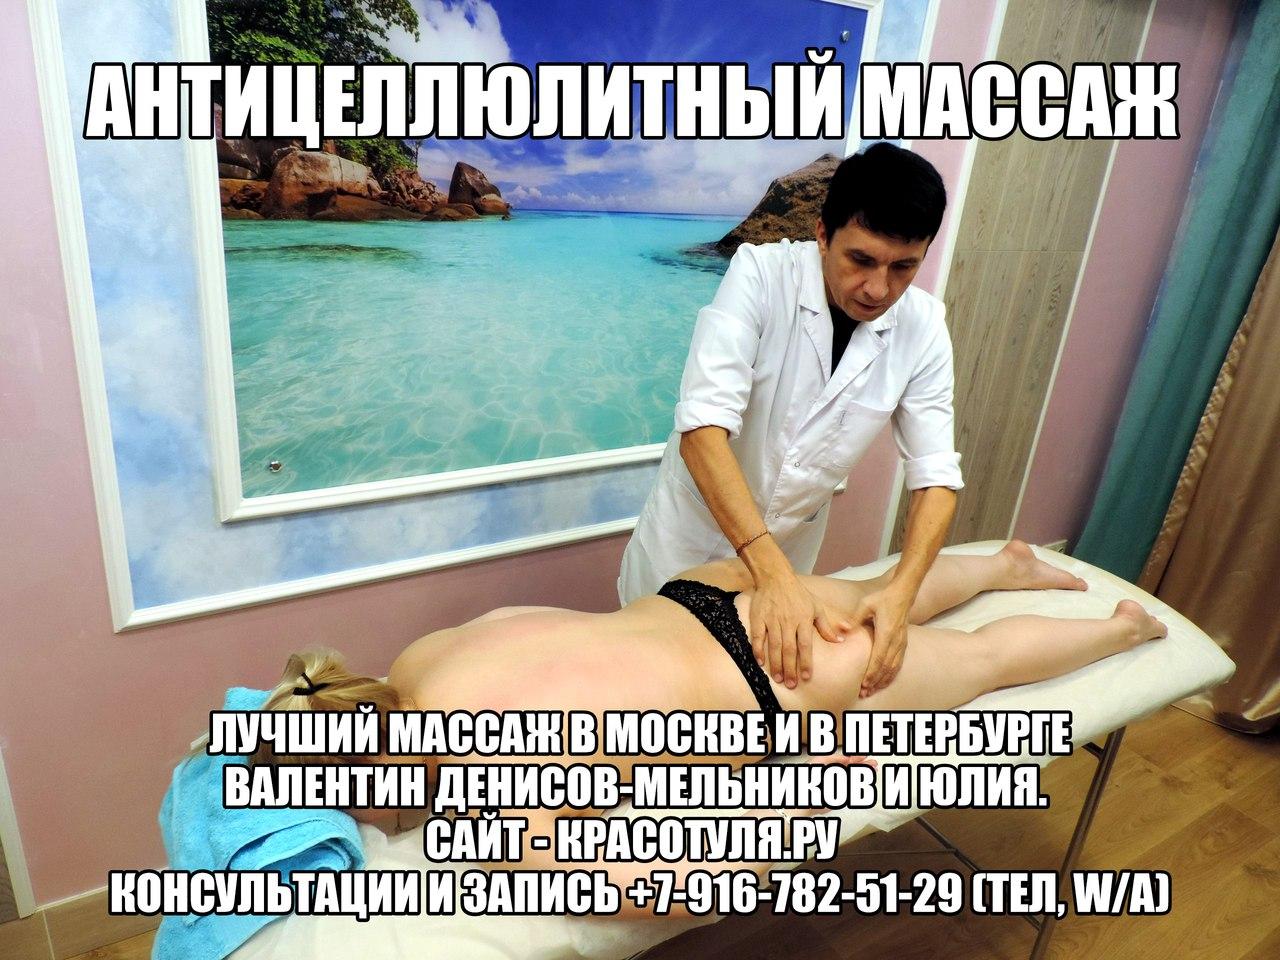 zarubezhnie-eroticheskie-filmi-klubnika-devushka-v-latekse-zhena-pri-muzhe-trahaetsya-s-drugim-zhenskoe-dominirovanie-porno-onlayn